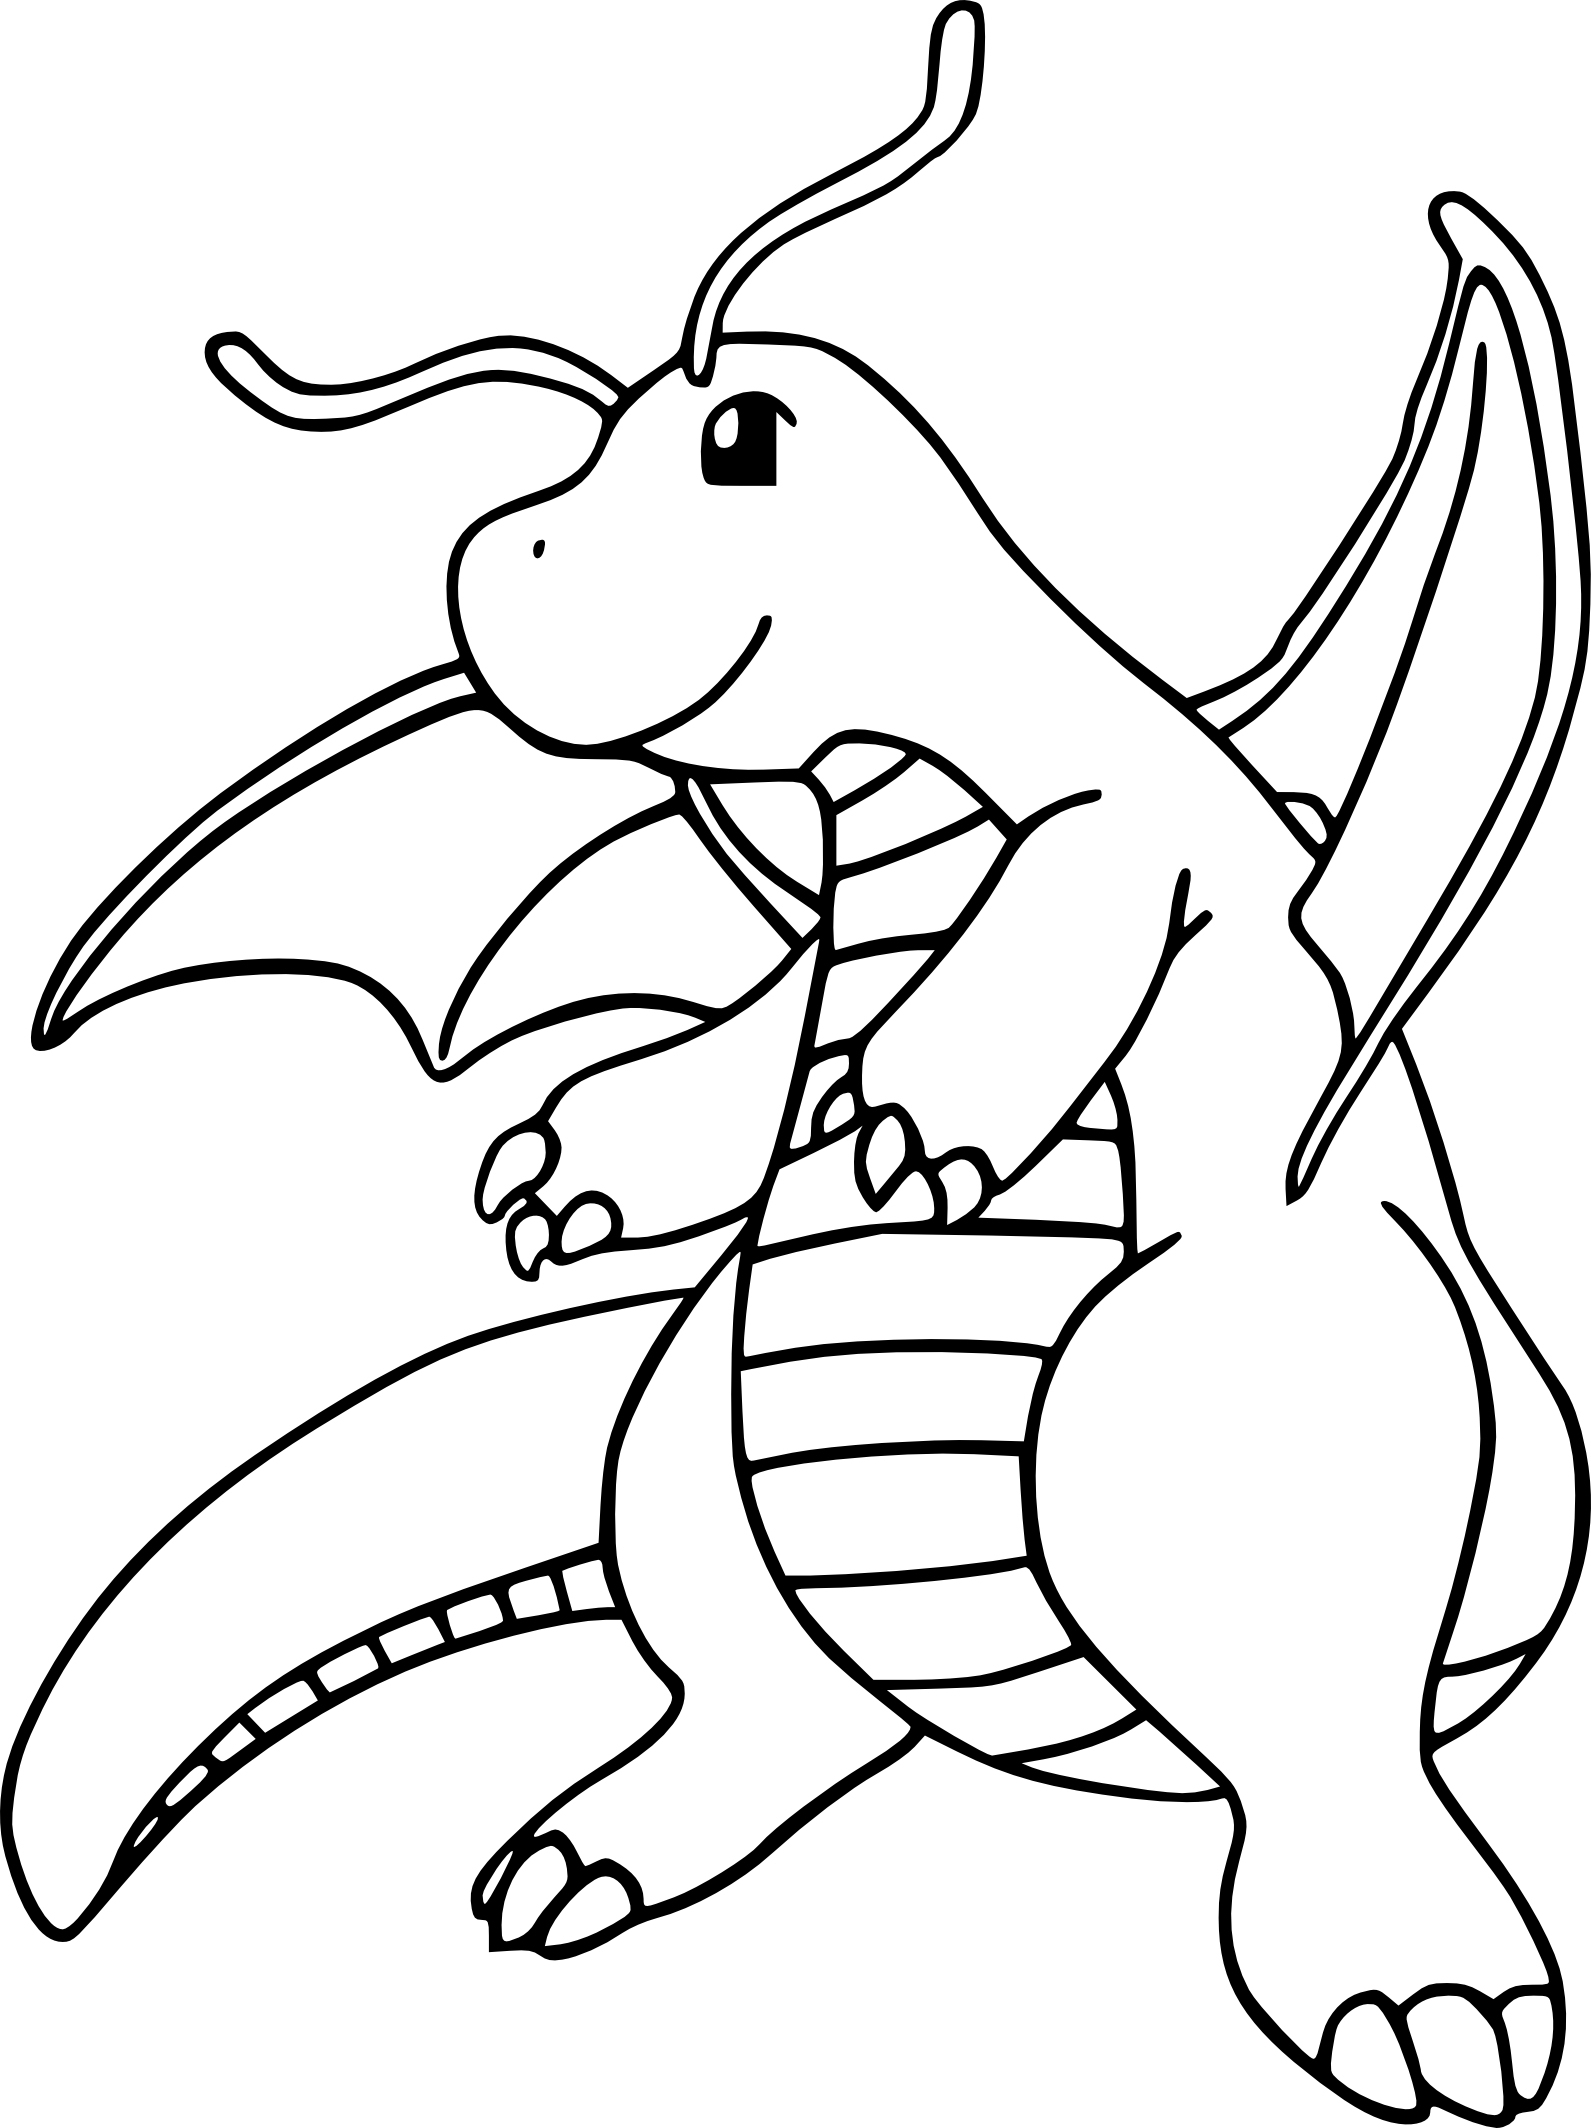 Coloriage Dracolosse Pokemon À Imprimer pour Coloriag Pokemon